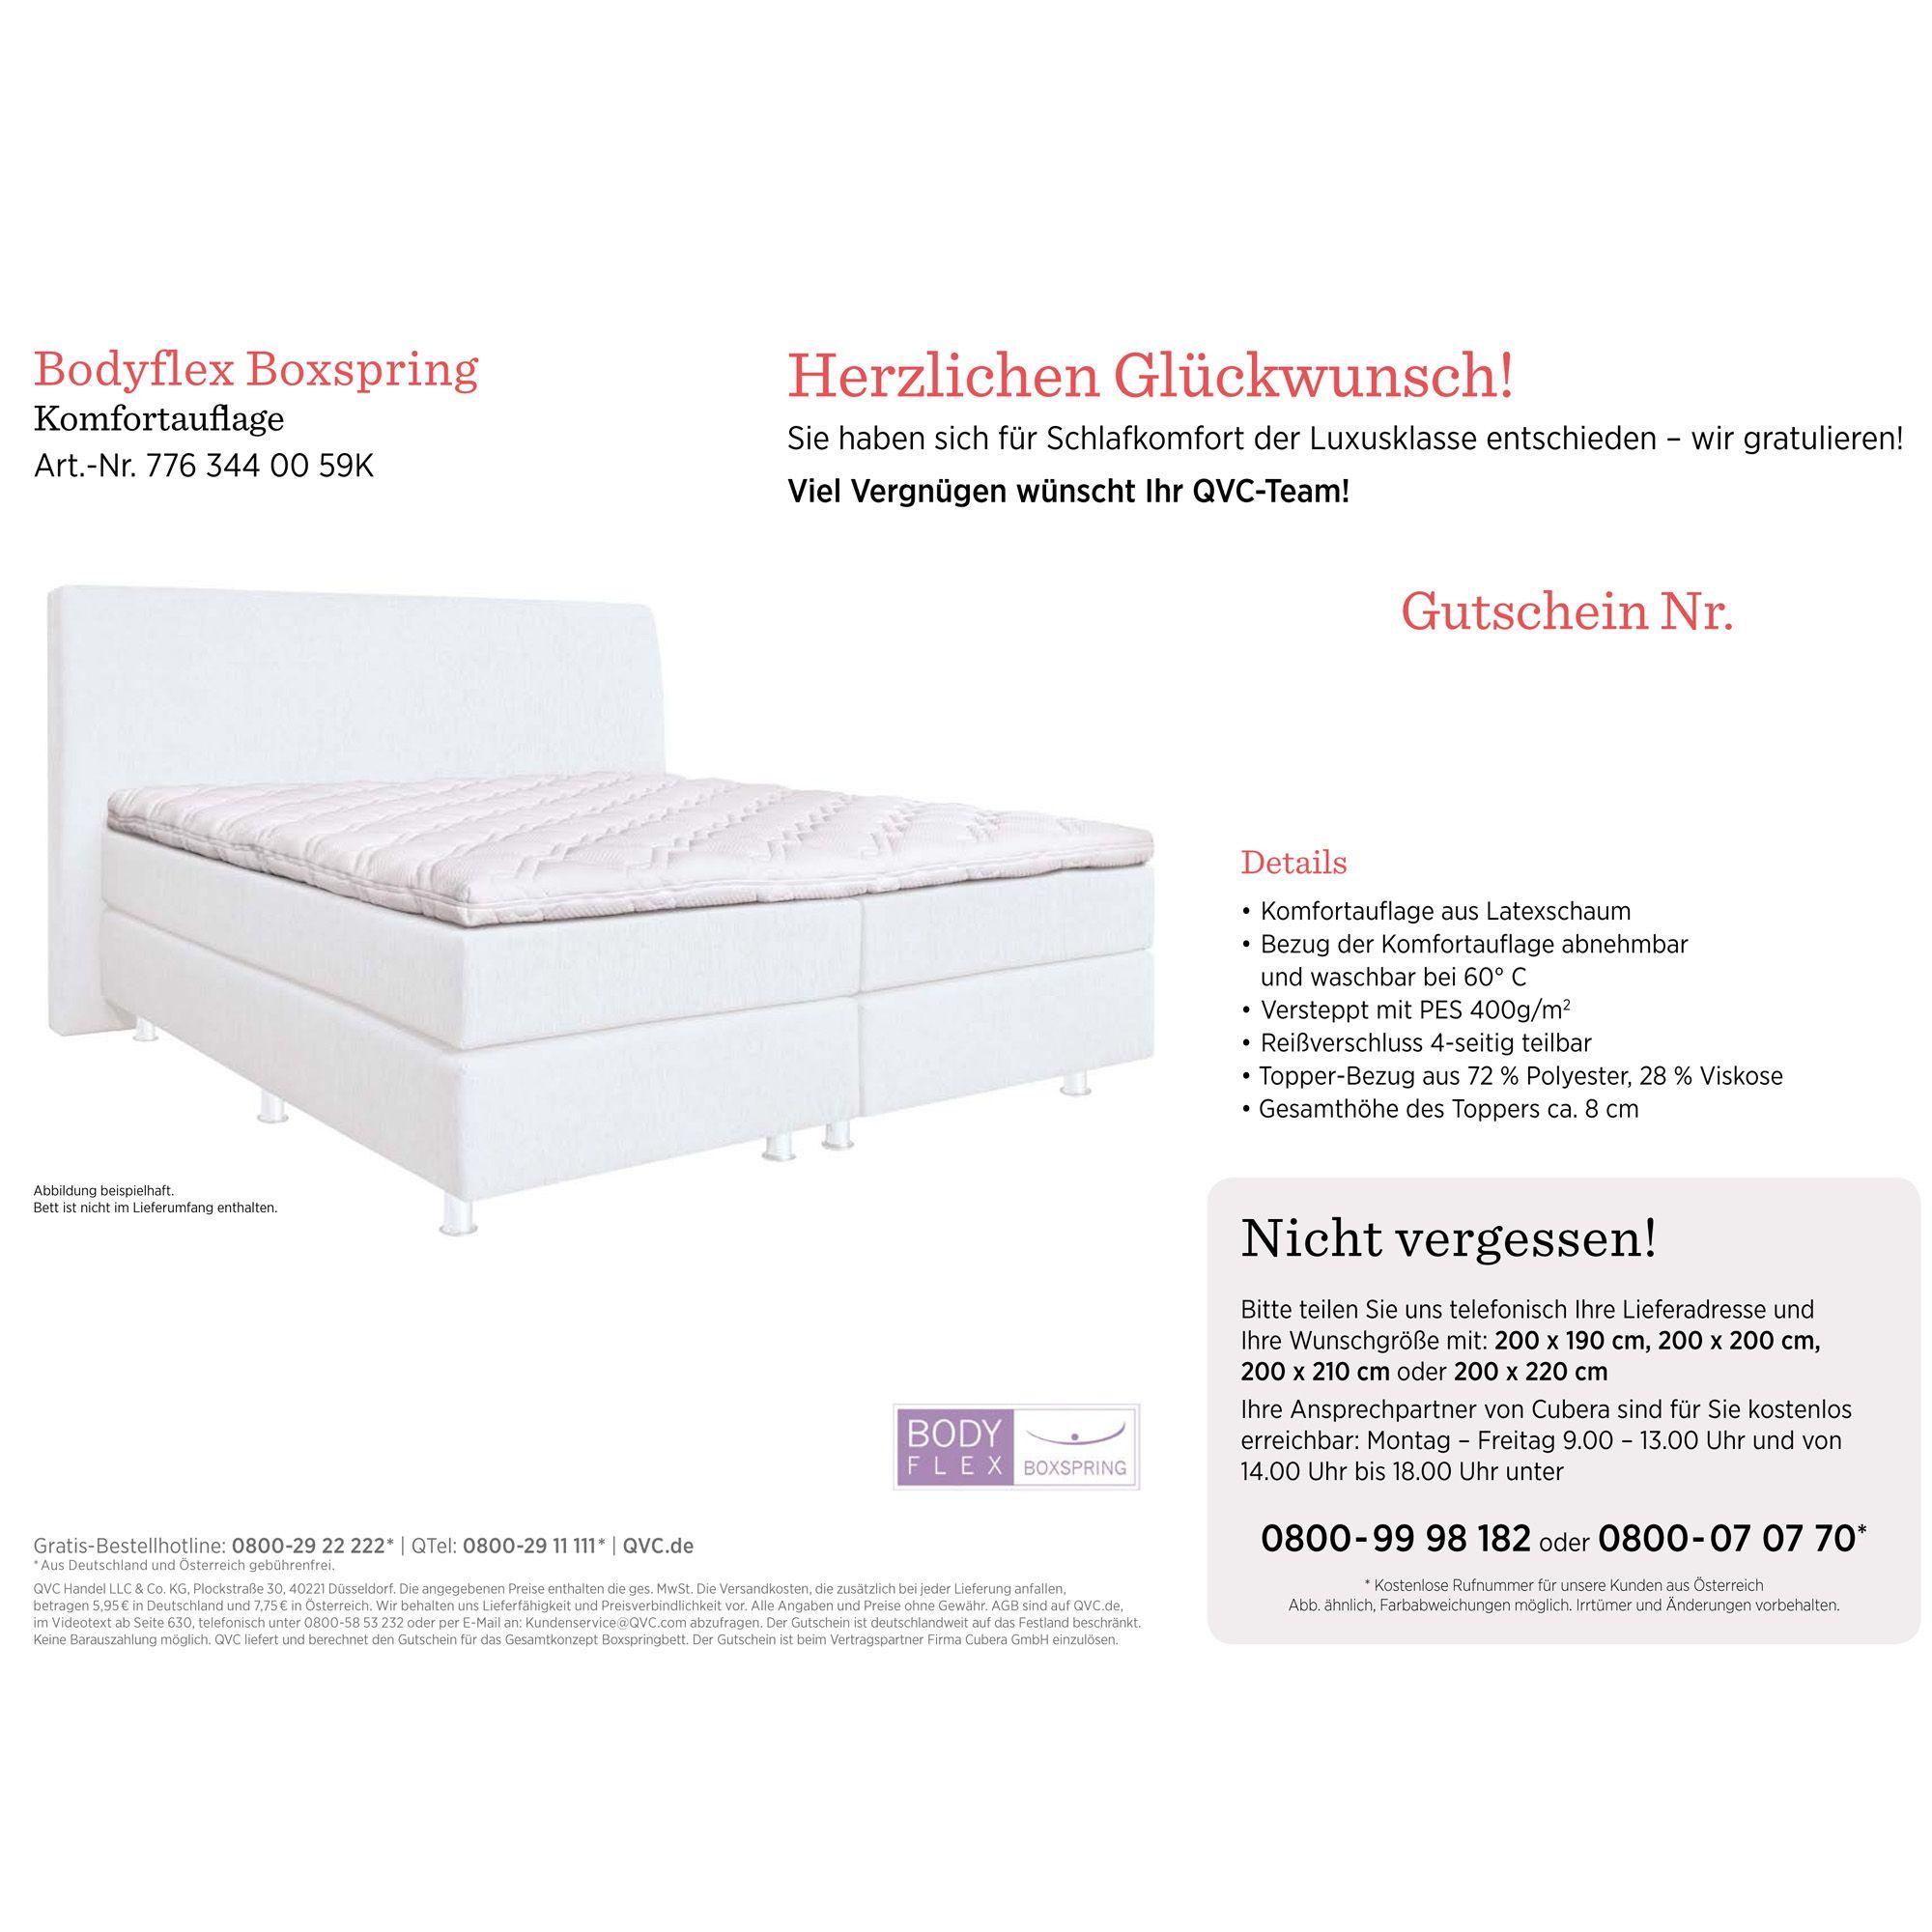 BODYFLEX BOXSPRING Latex Topper Für Boxspringbetten   Page 1 U2014 QVC.de